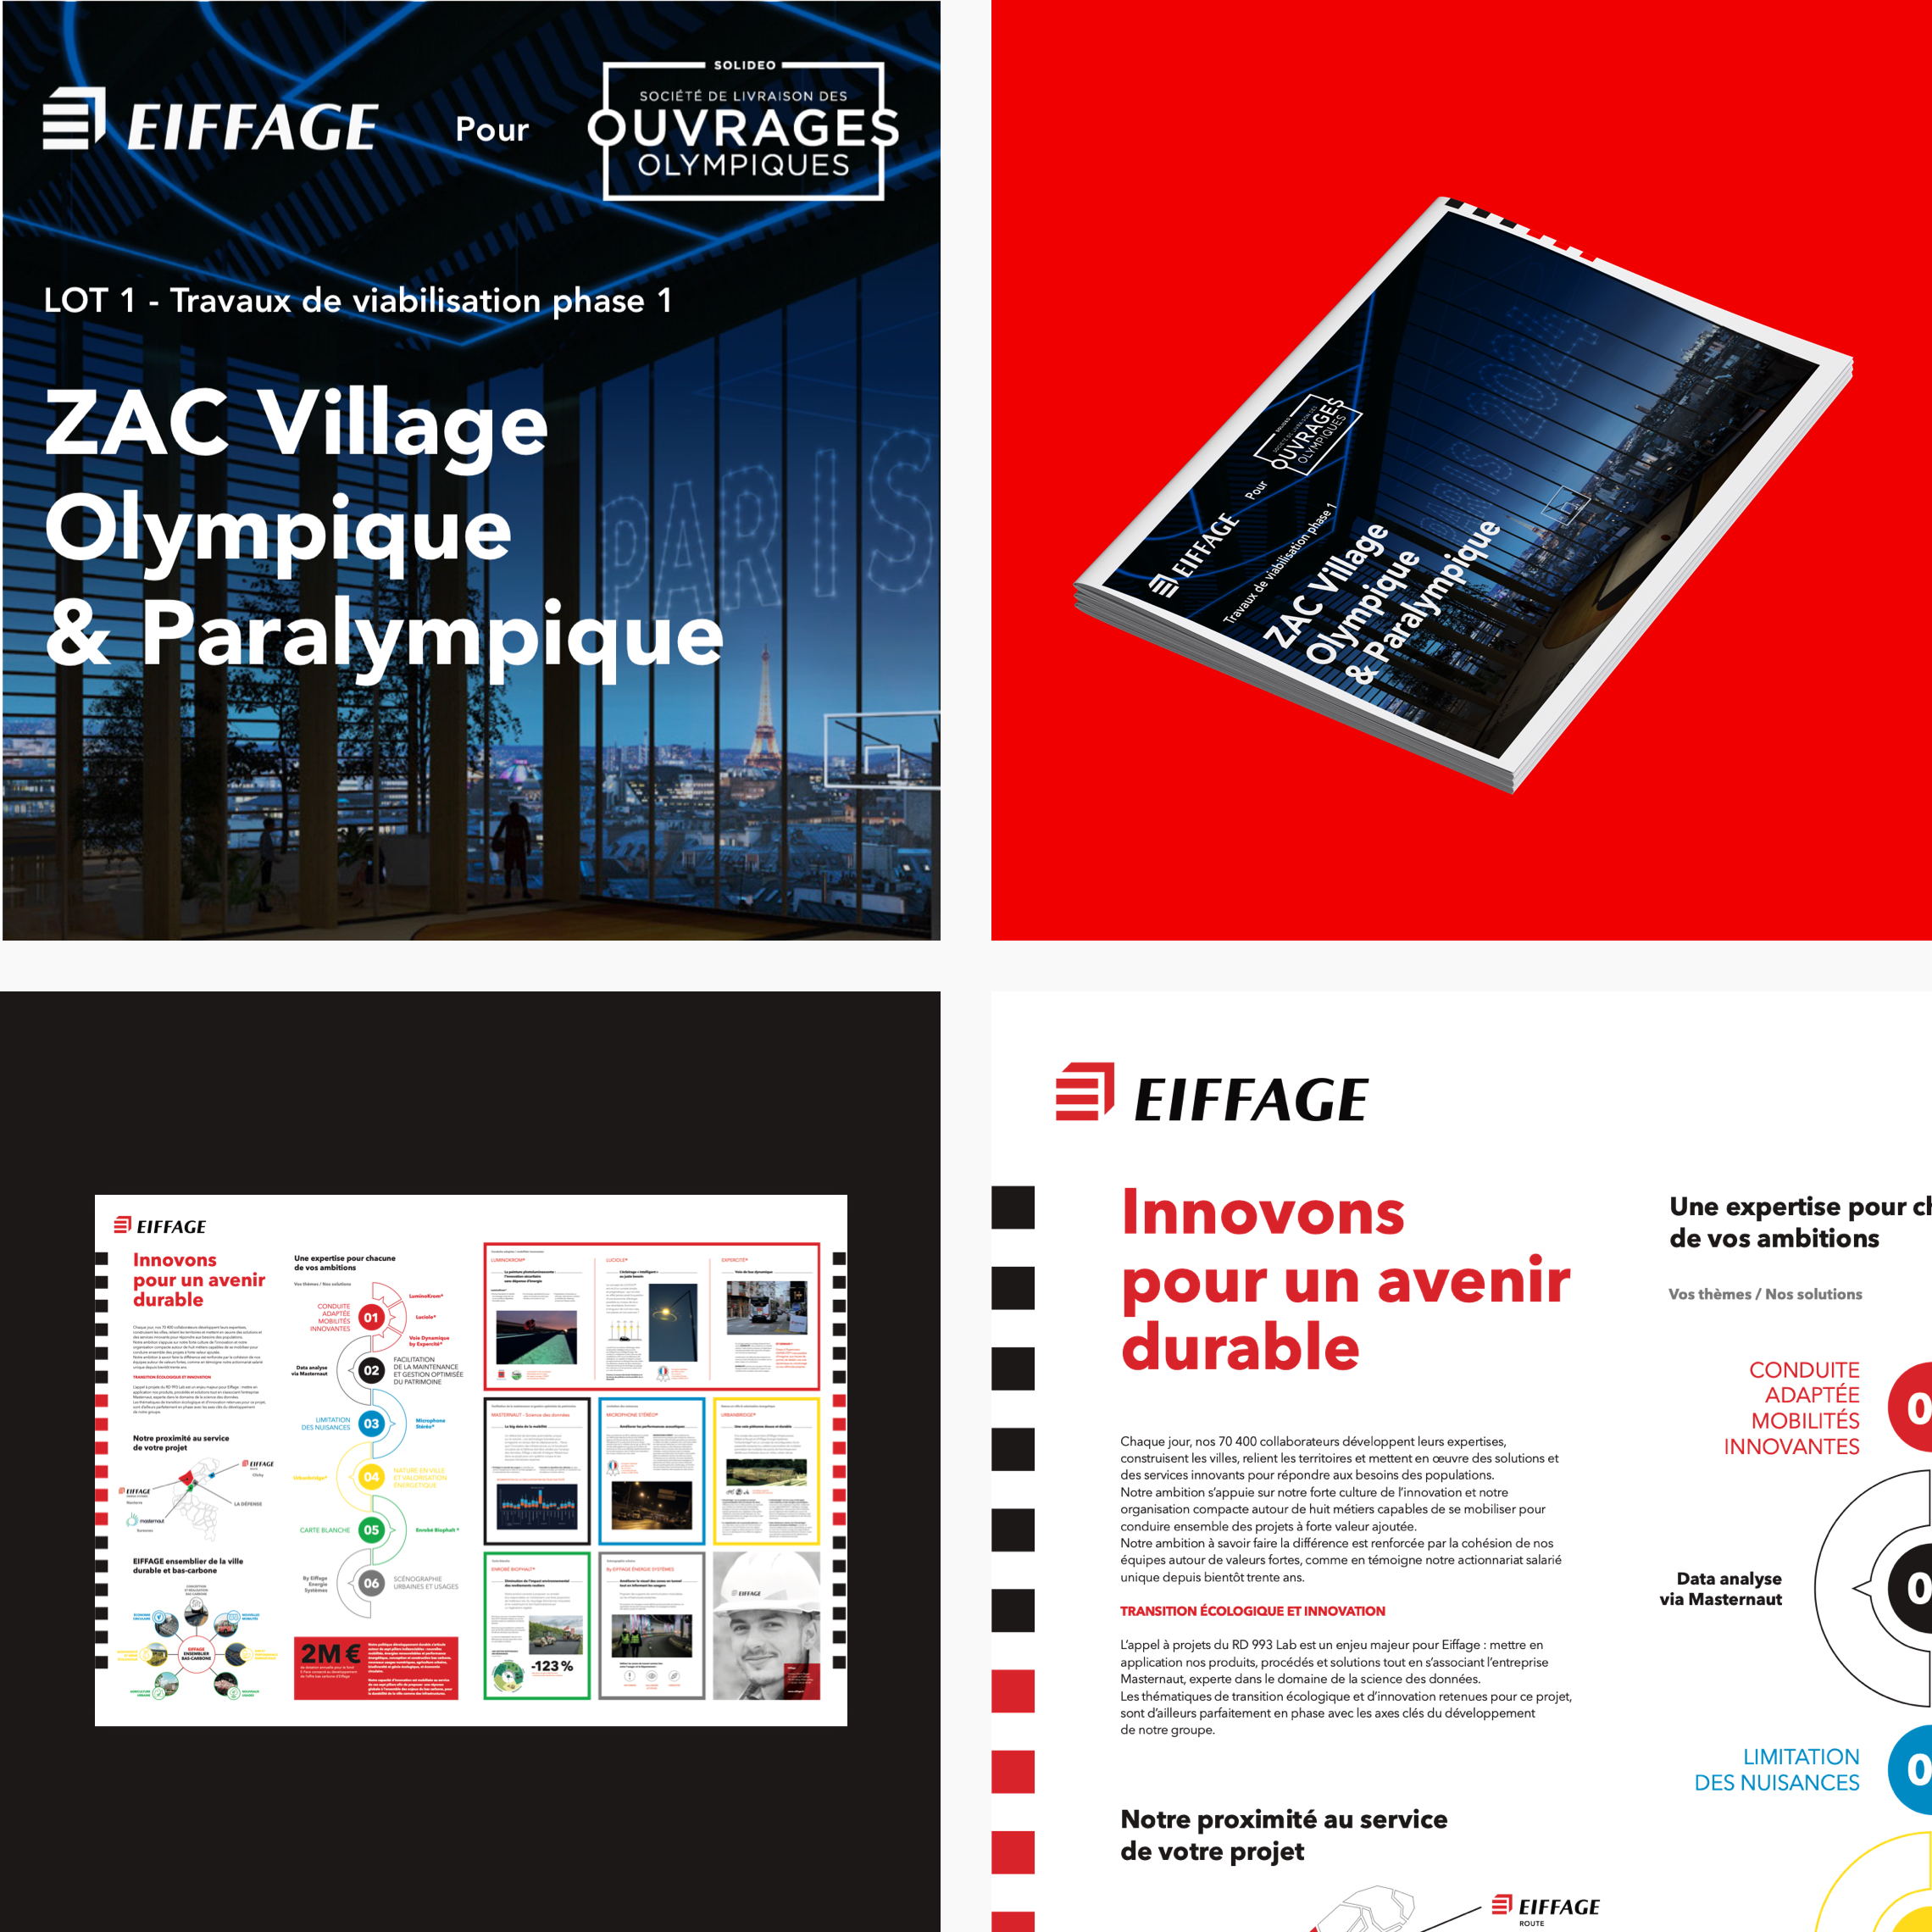 Visuel du projet EIFFAGE